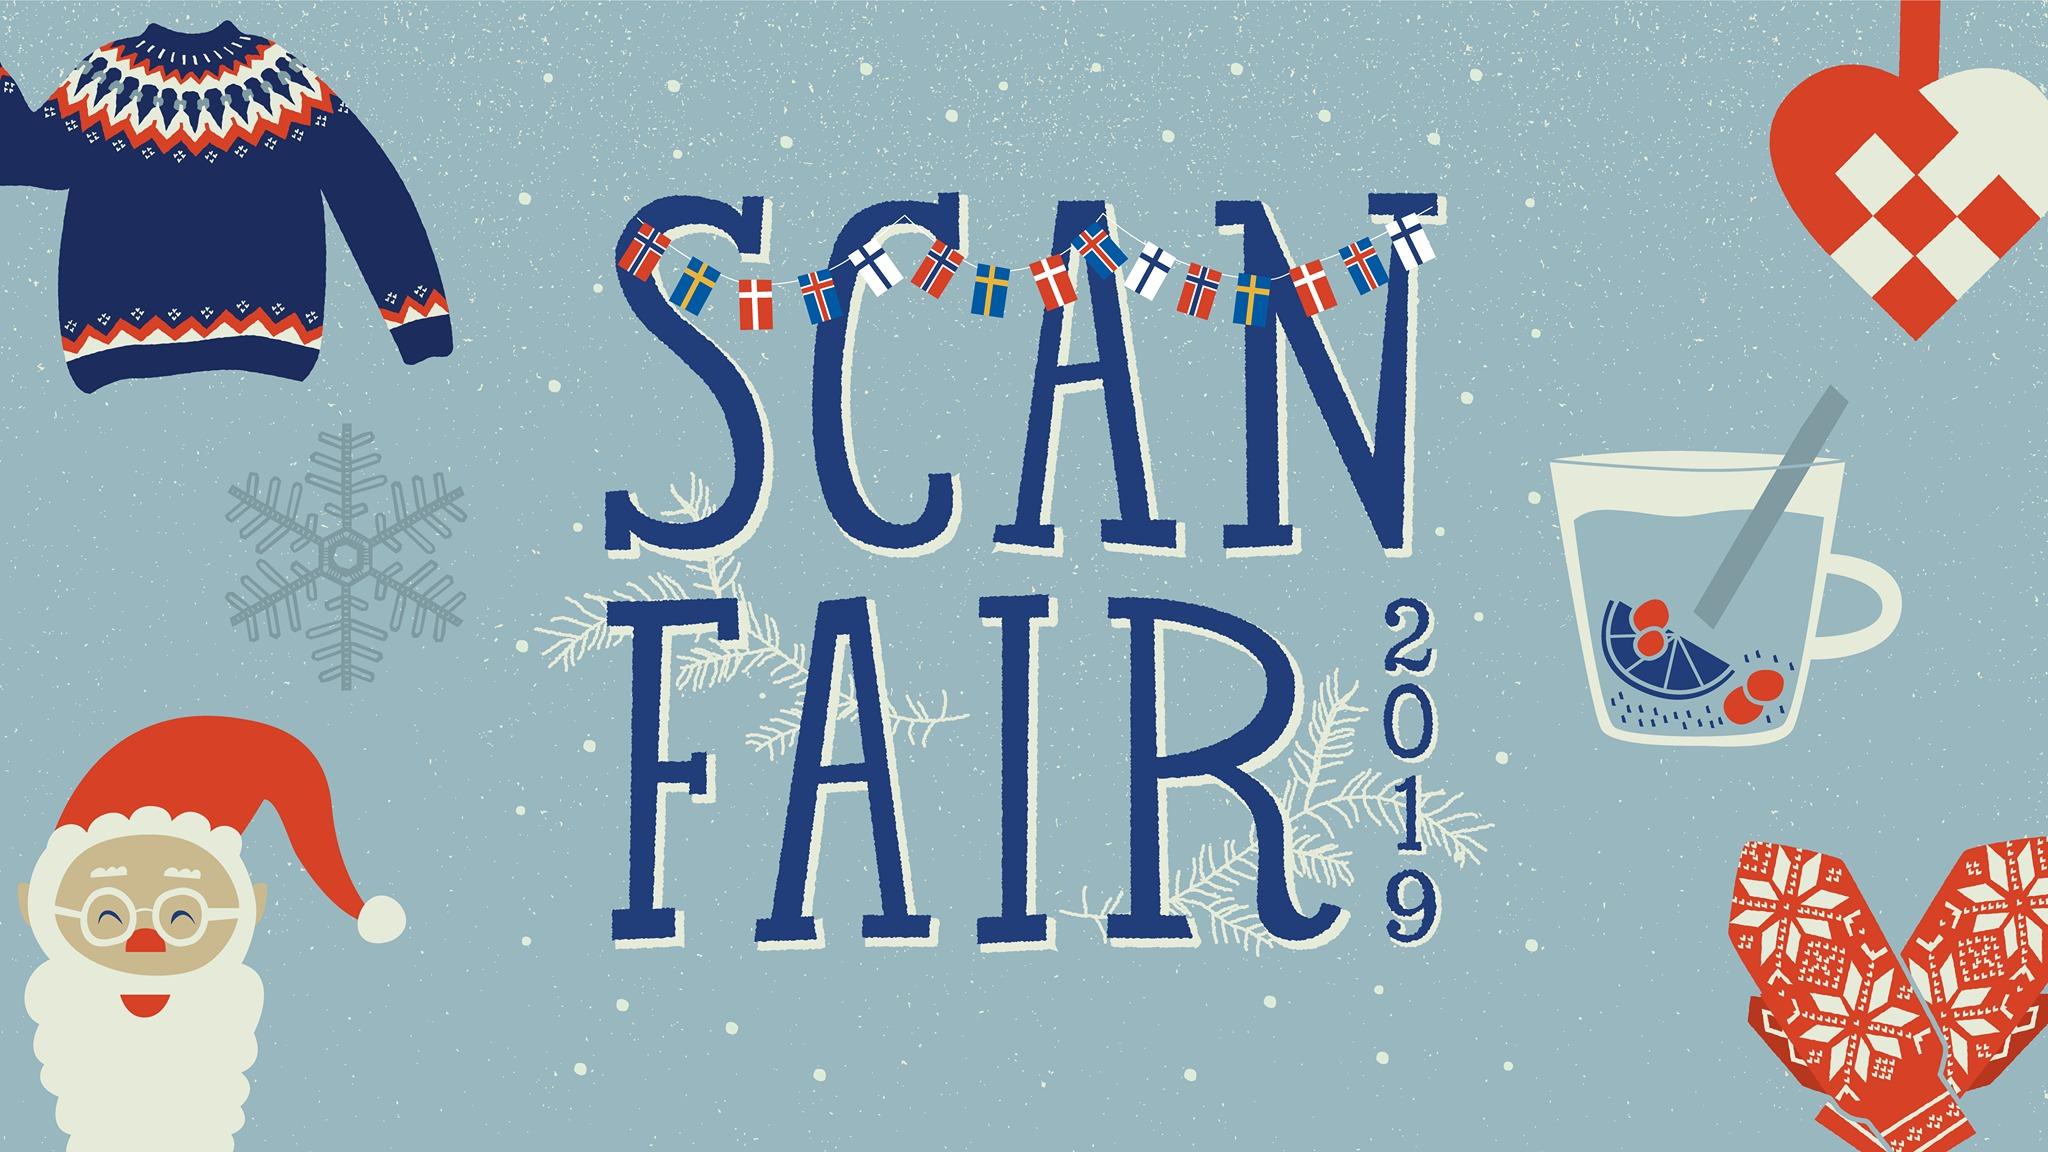 Scan fair 2019